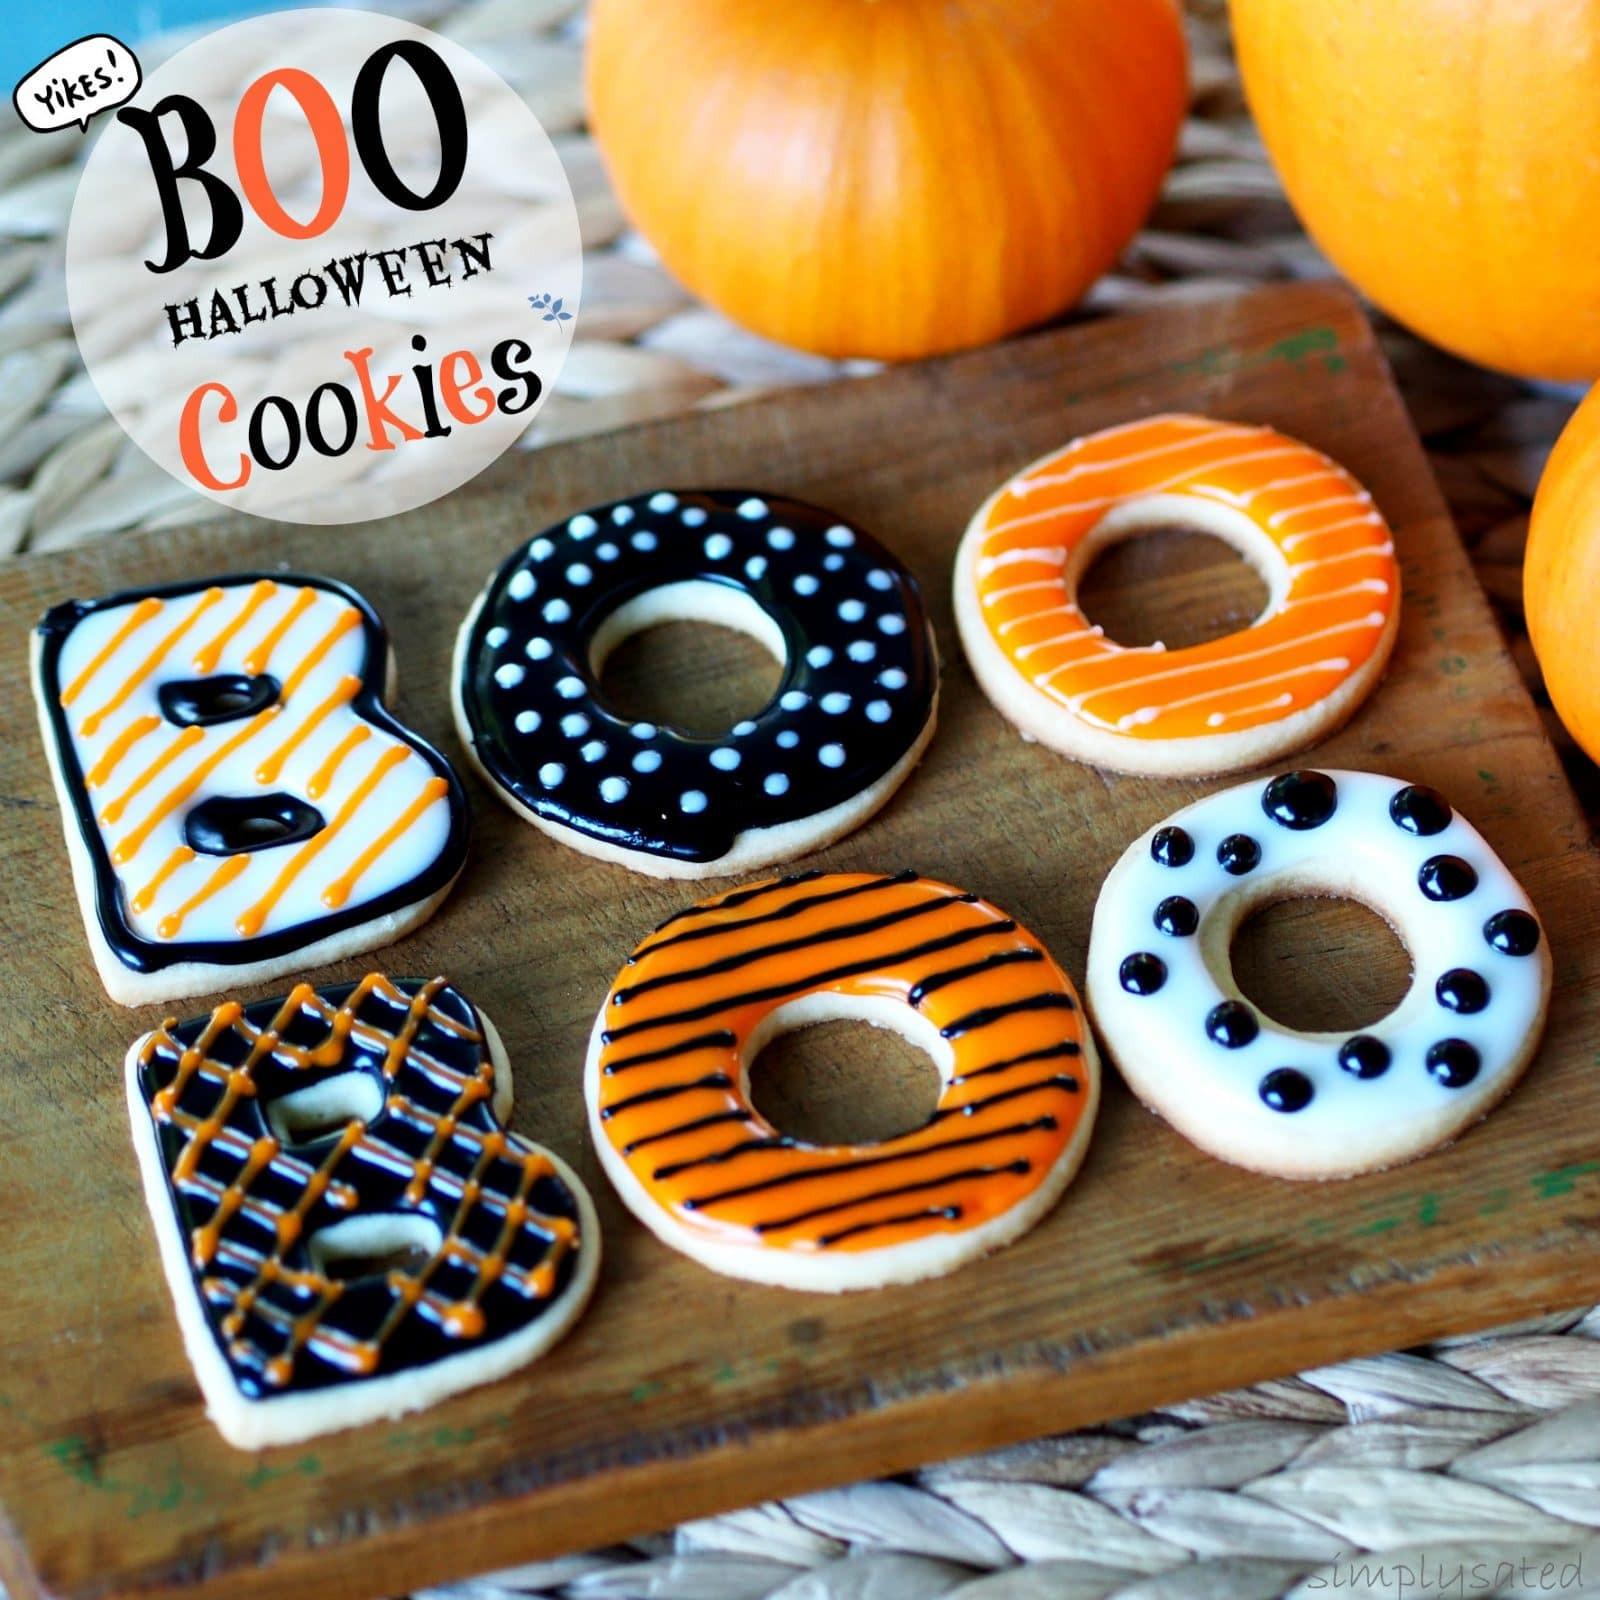 Pictures Of Halloween Cookies  BOO Halloween Cookies